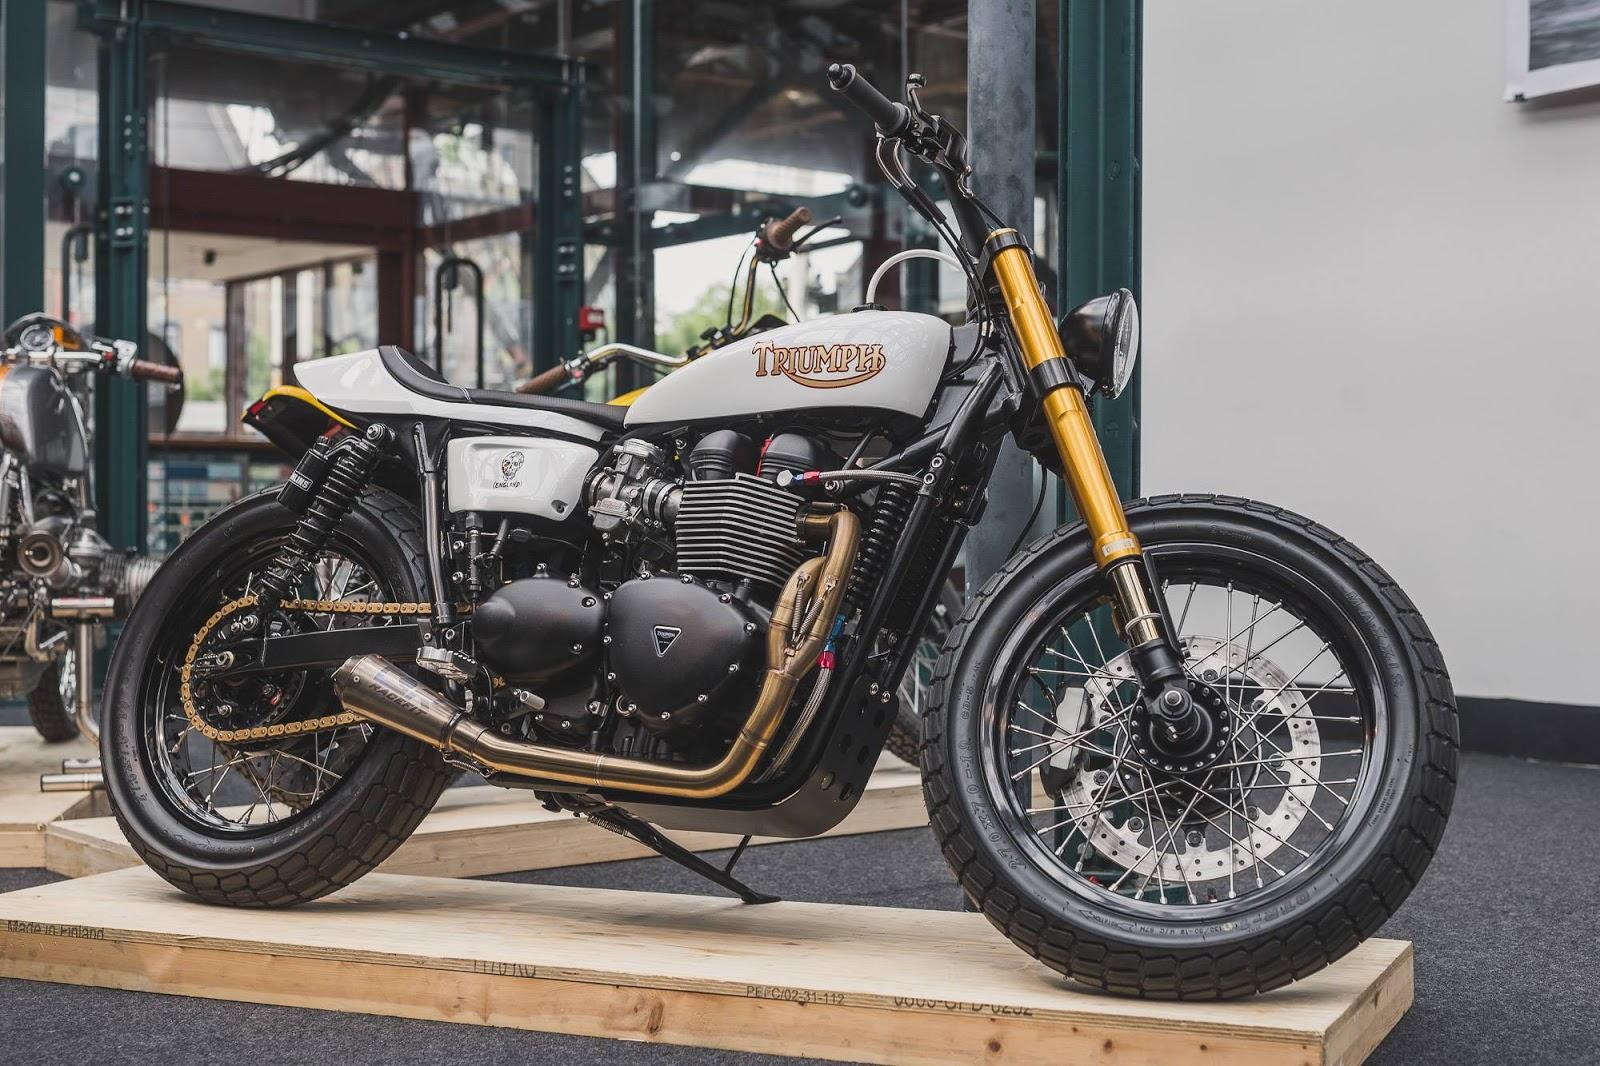 Bike shed london 2016 rocketgarage cafe racer magazine for Motorcycle shed